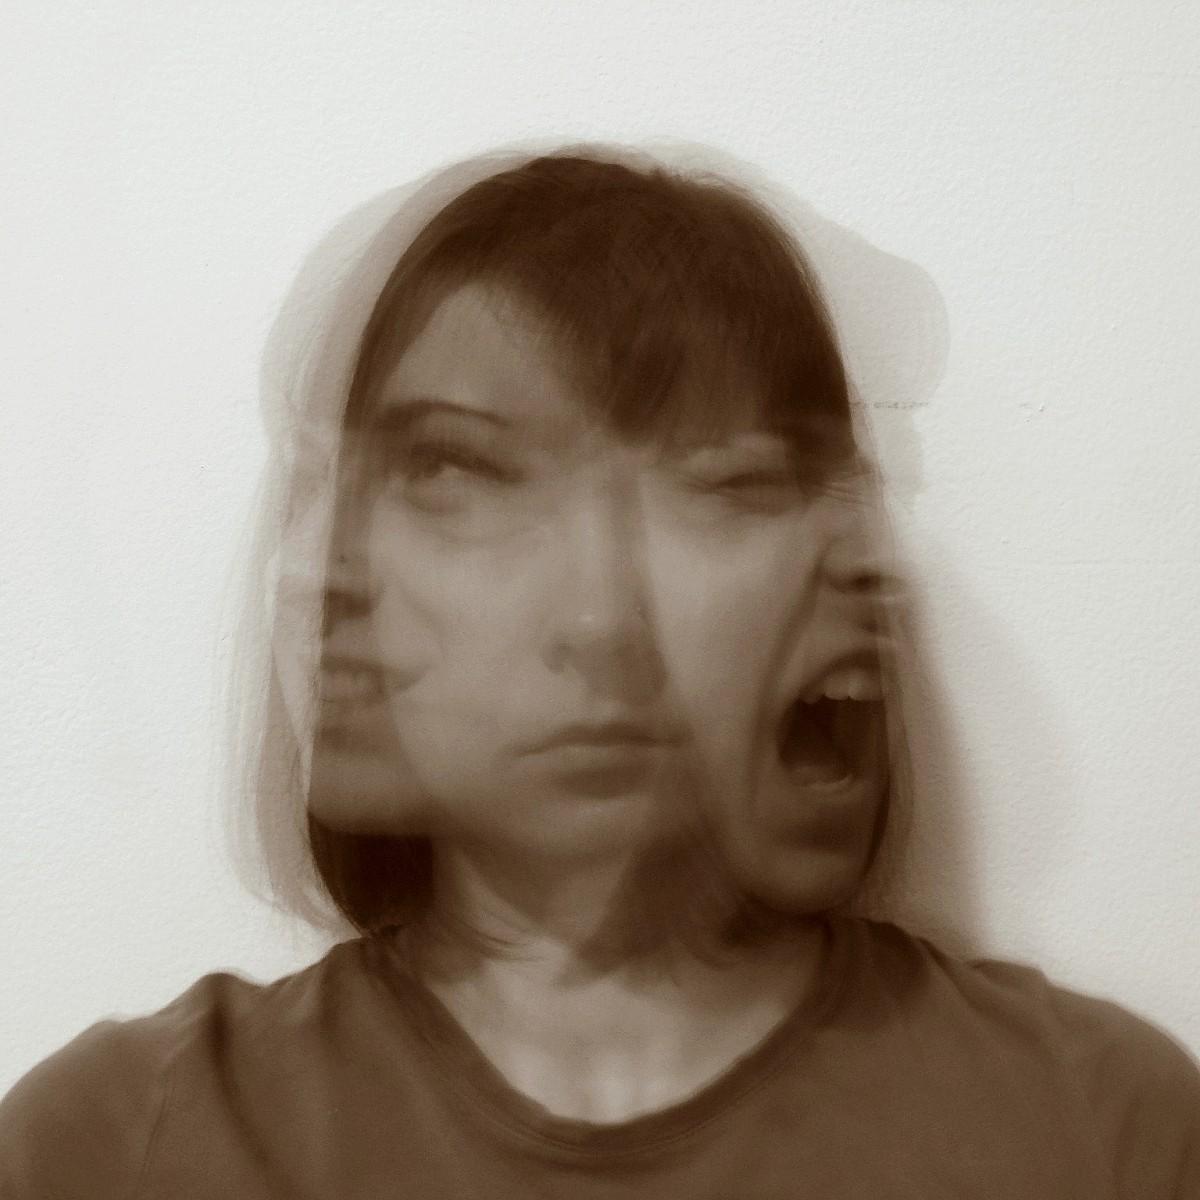 Κρίση πανικού ή κρίση συναισθημάτων;  @haveatea.gr